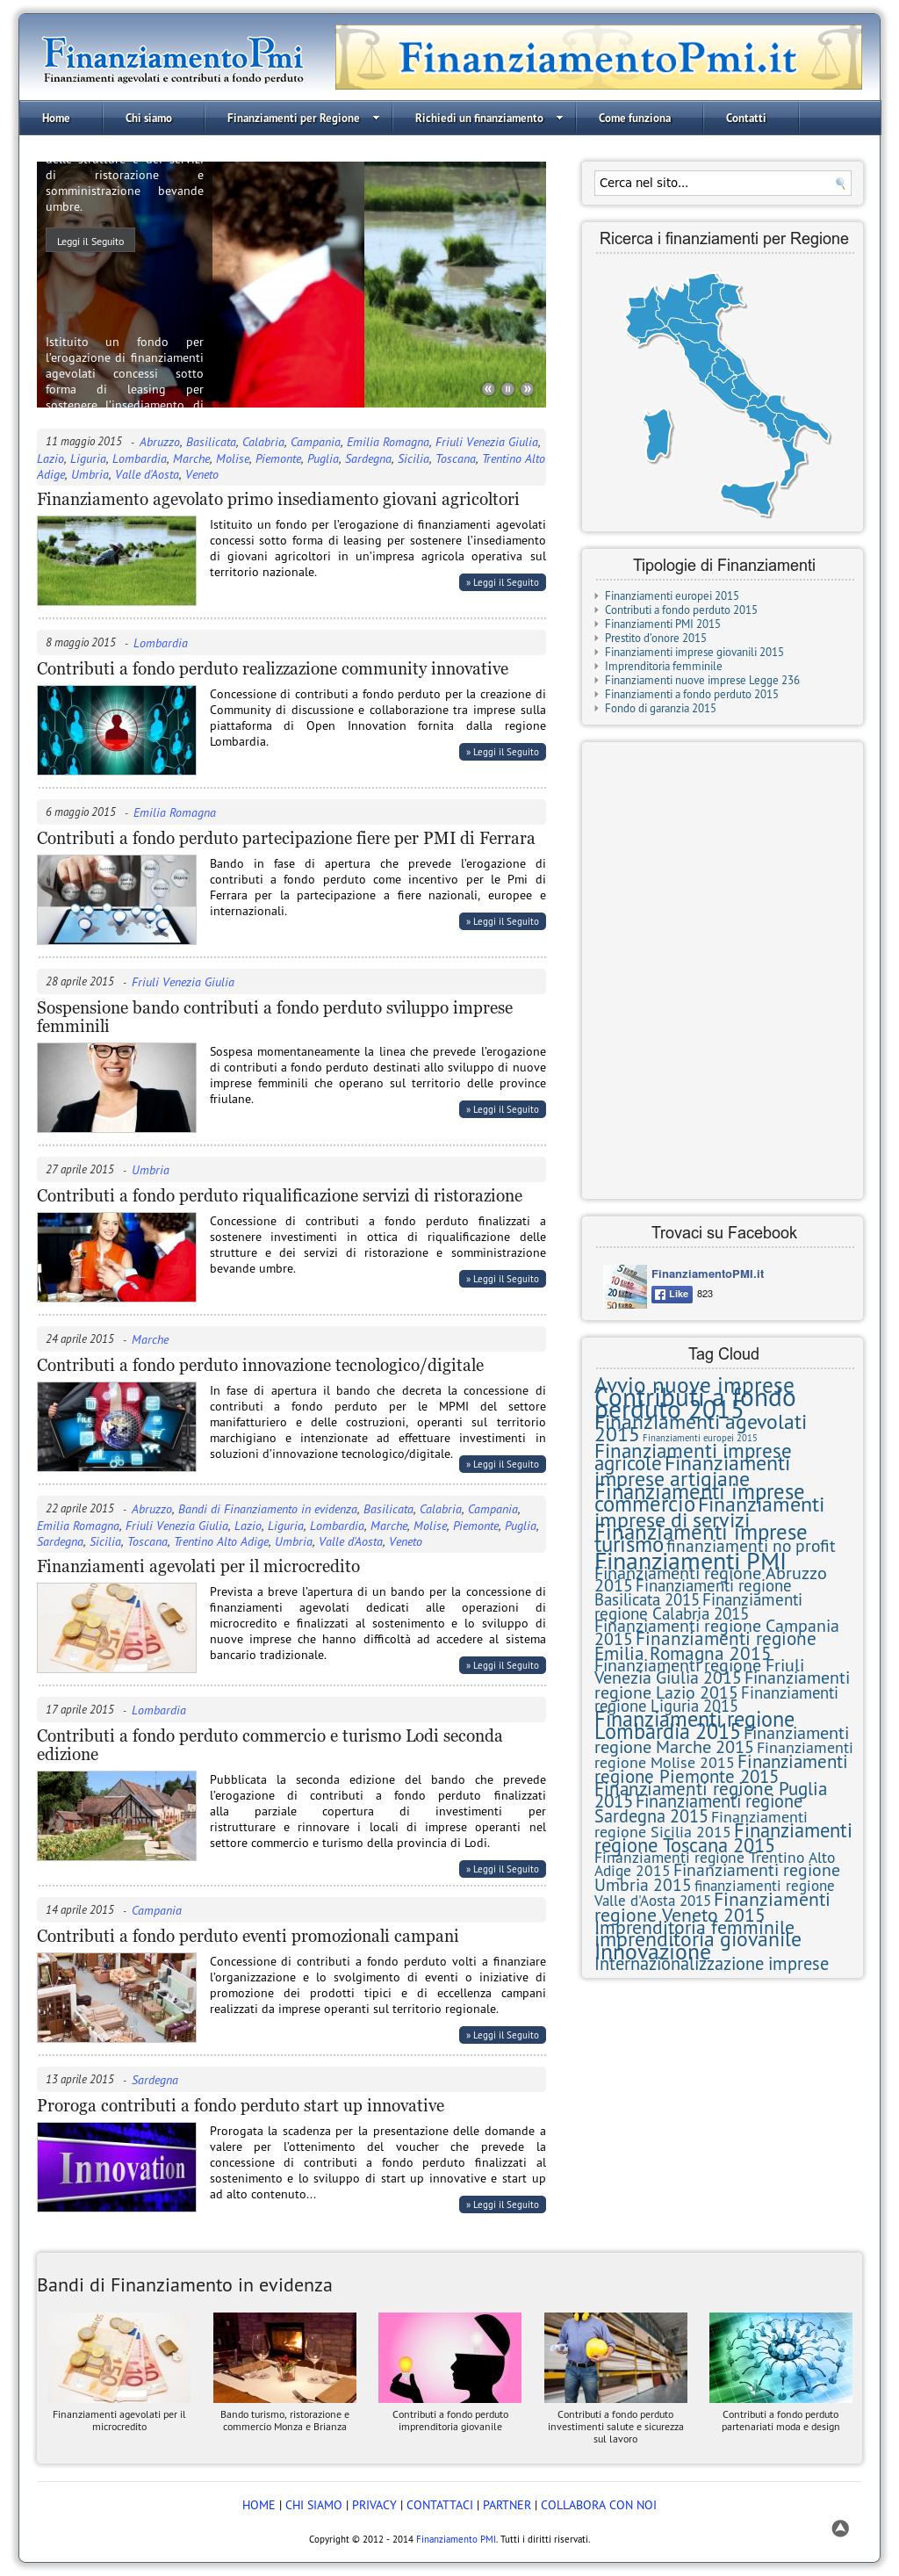 Imprese Di Costruzioni Campania finanziamentopmi.it competitors, revenue and employees